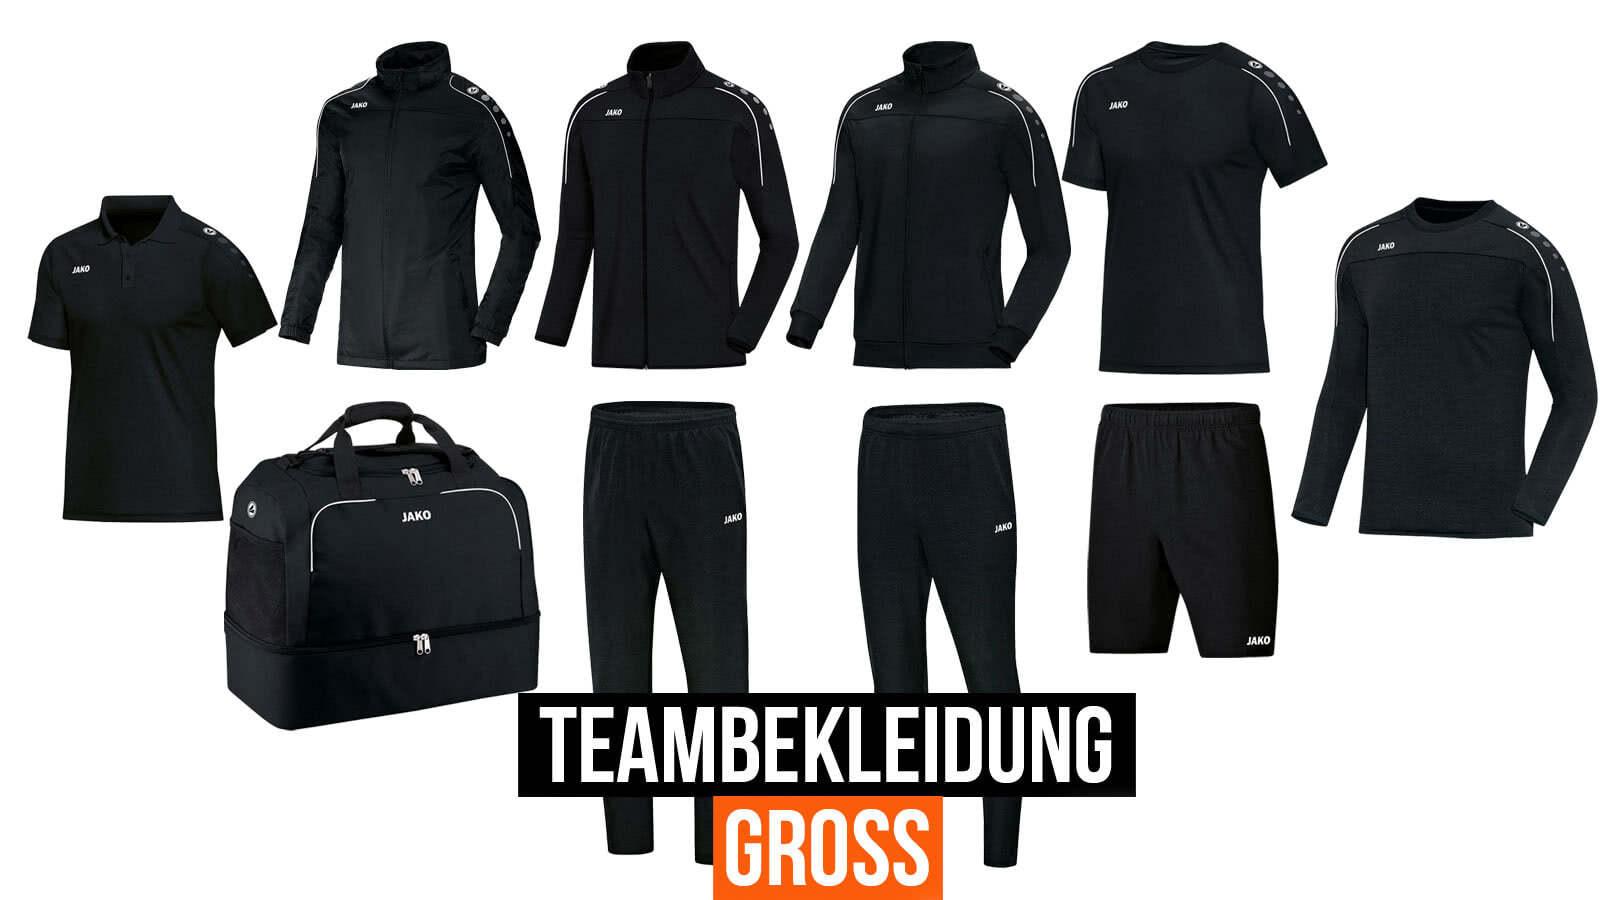 Die Teambekleidung groß lässt keine Wünsche mehr offen.